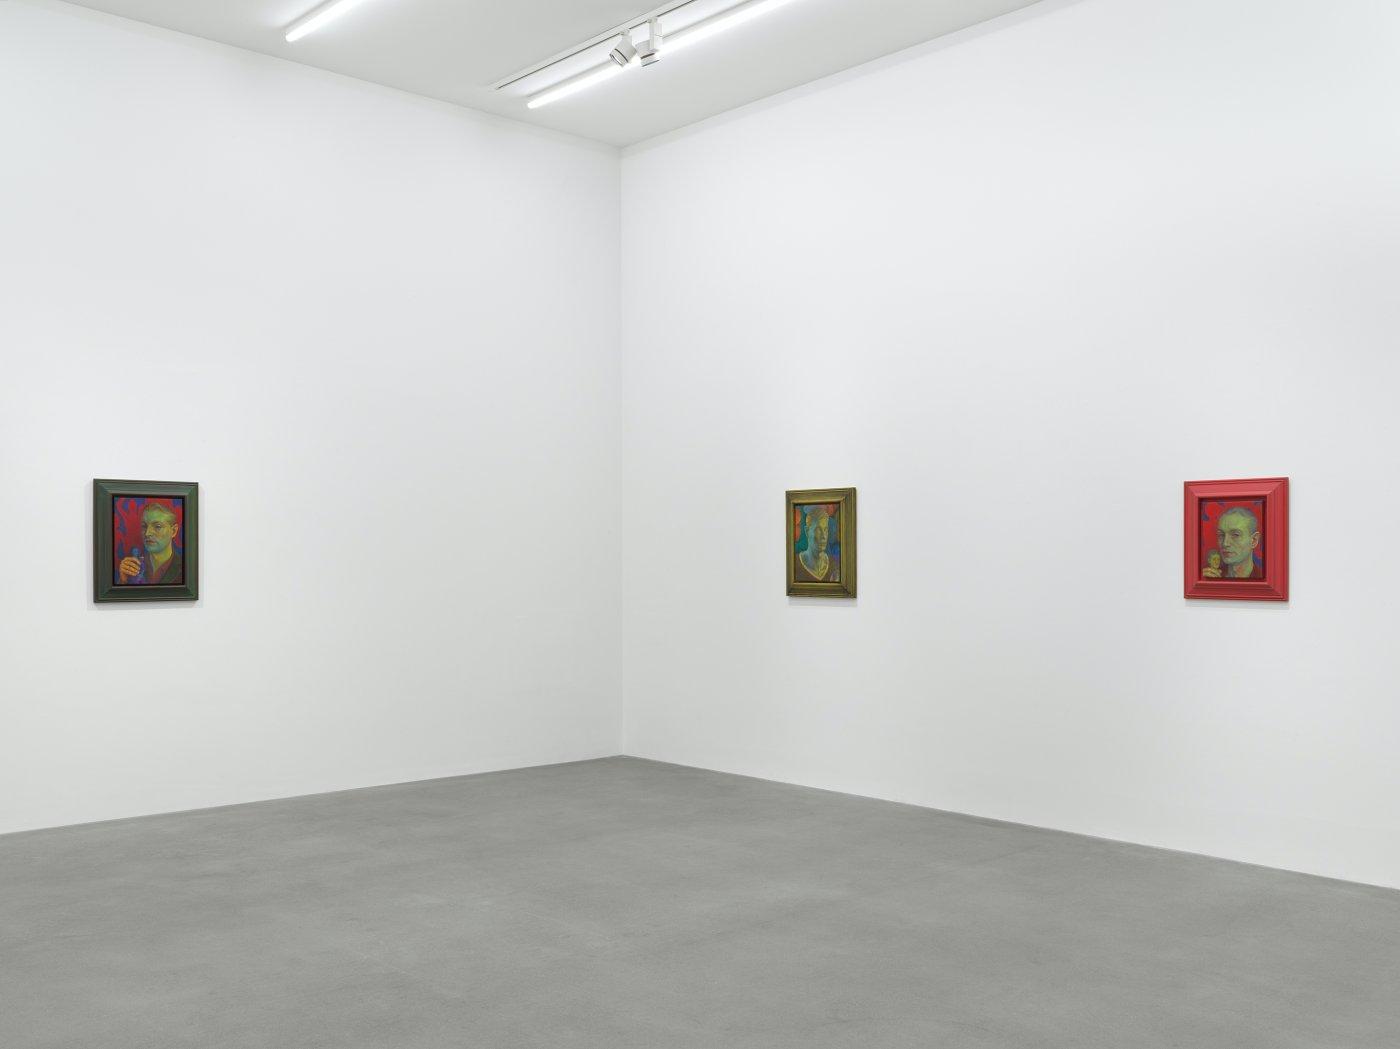 Galerie Eva Presenhuber Waldmannstrasse Steven Shearer 7